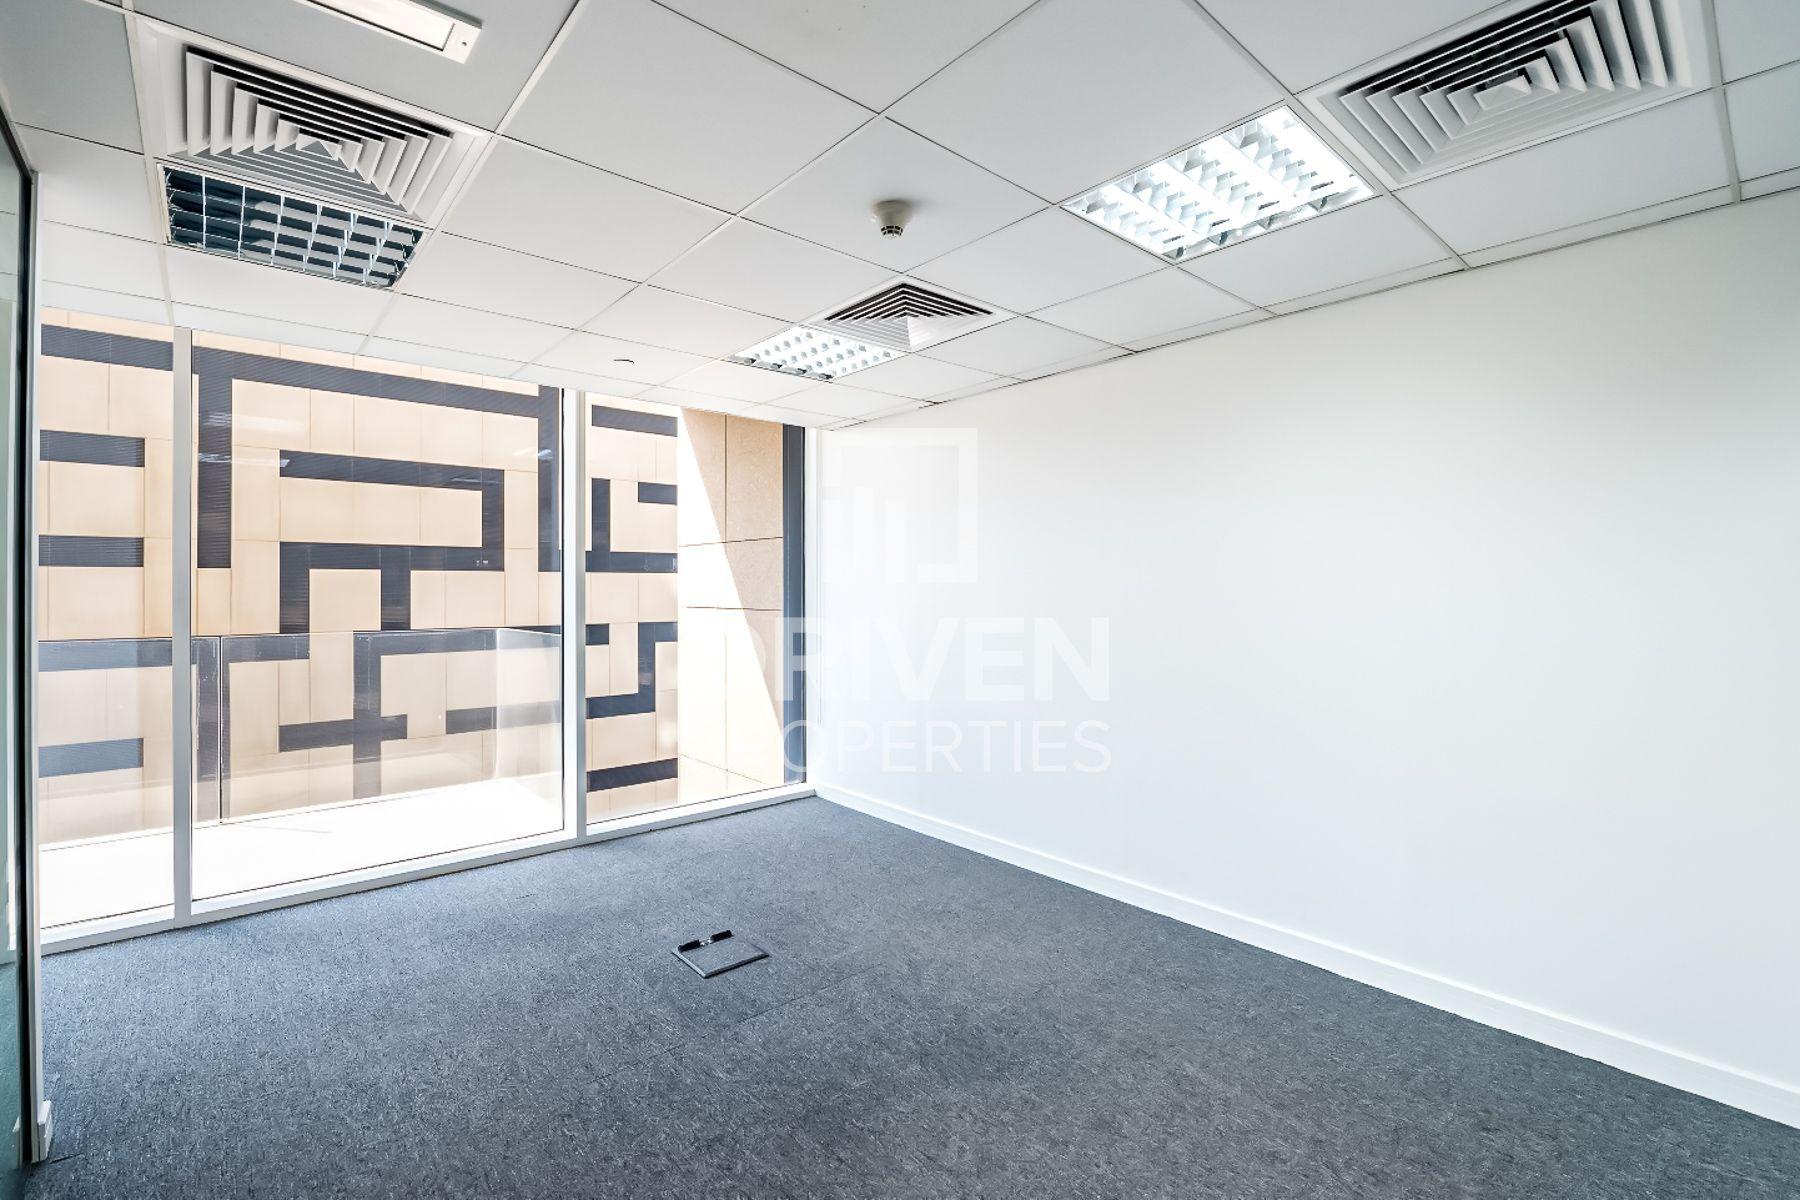 للايجار - مكتب - برج ميز - شارع الشيخ زايد